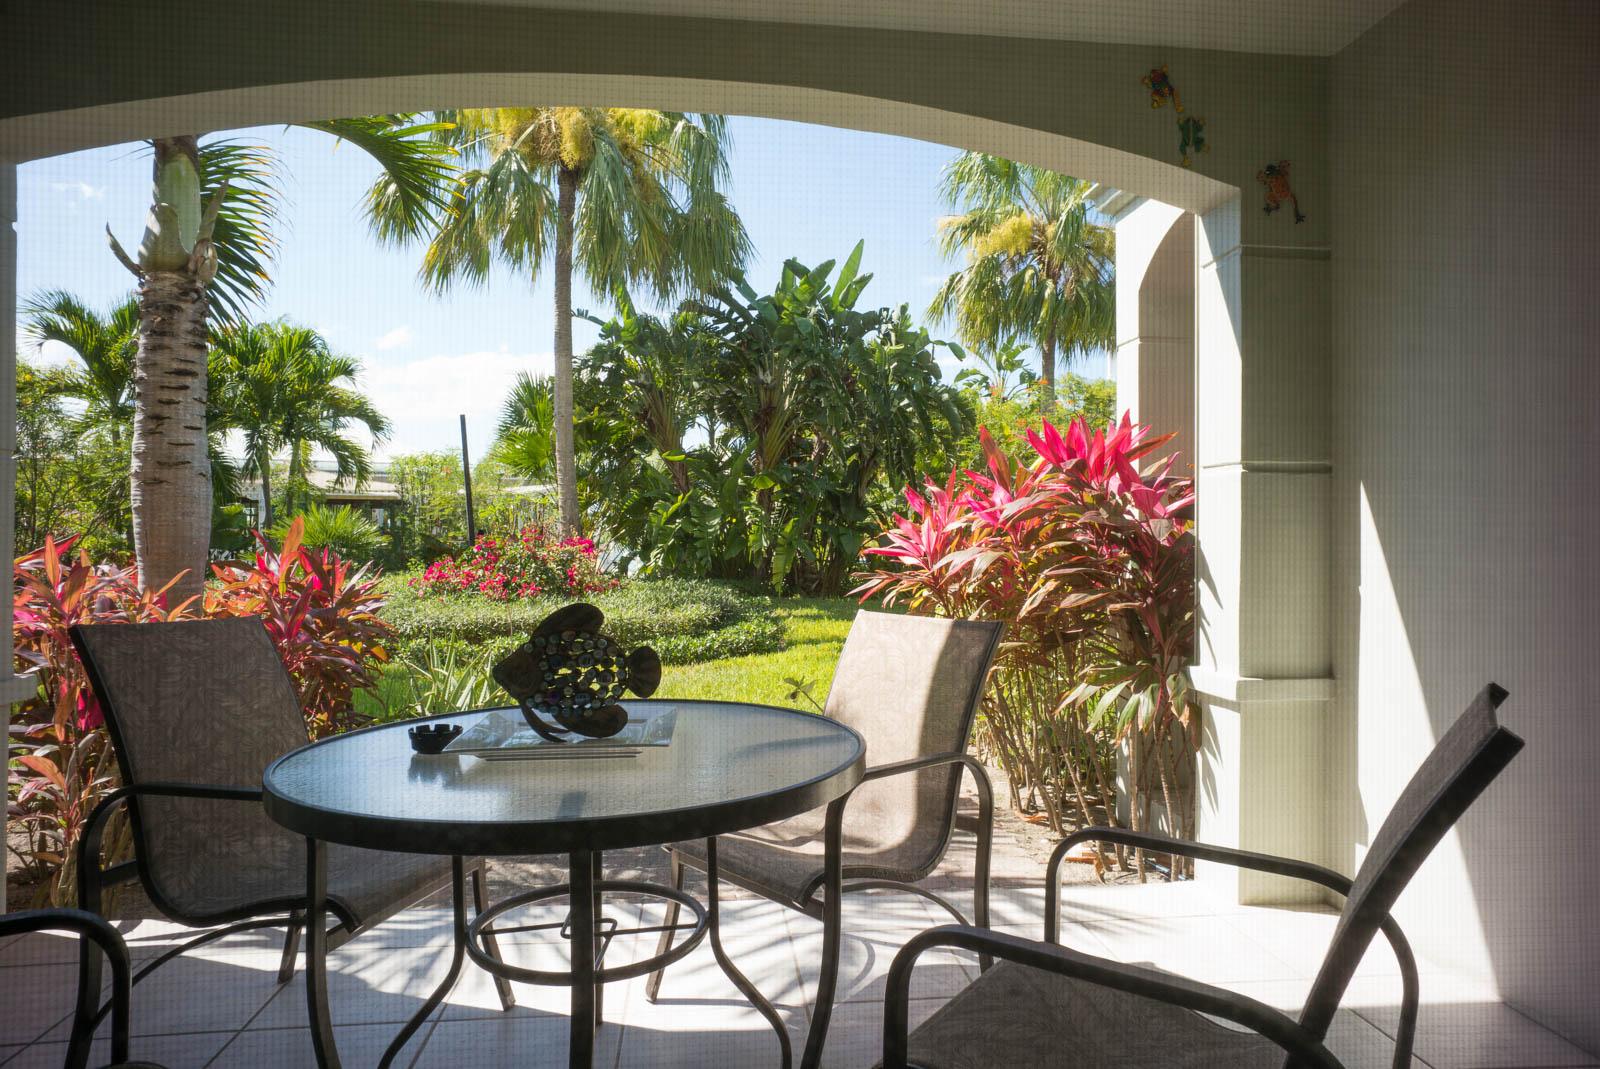 Room 412, Royal West Indies Resort, Turks & Caicos